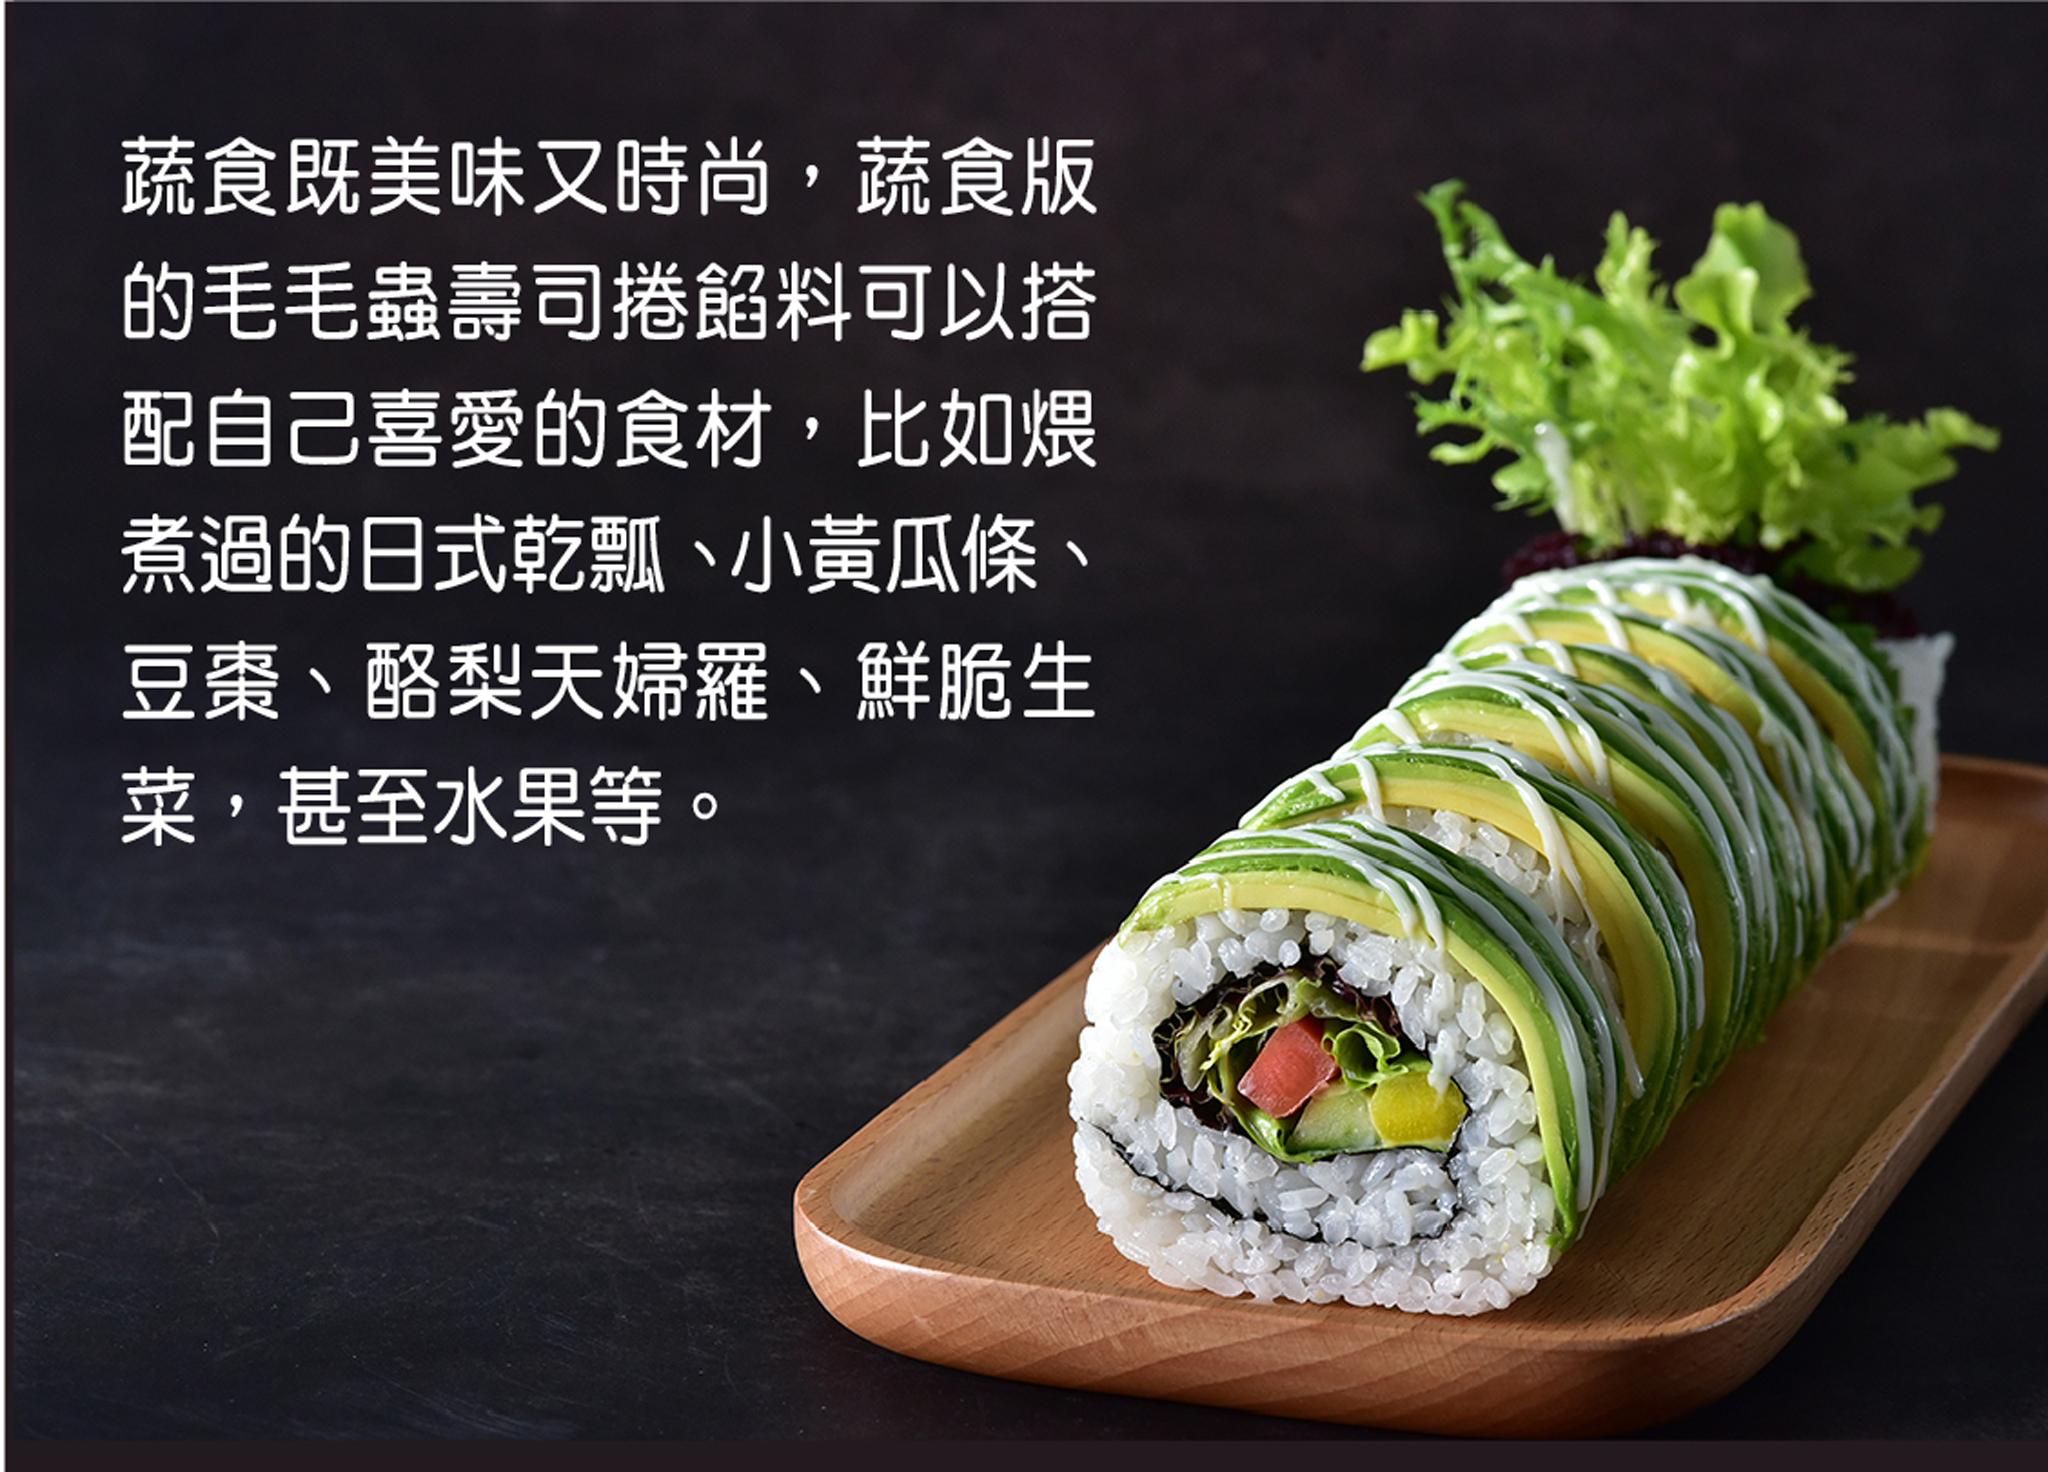 蔬食既美味又時尚,蔬食版的毛毛蟲壽司捲餡料可以依自己的喜愛搭配食材。